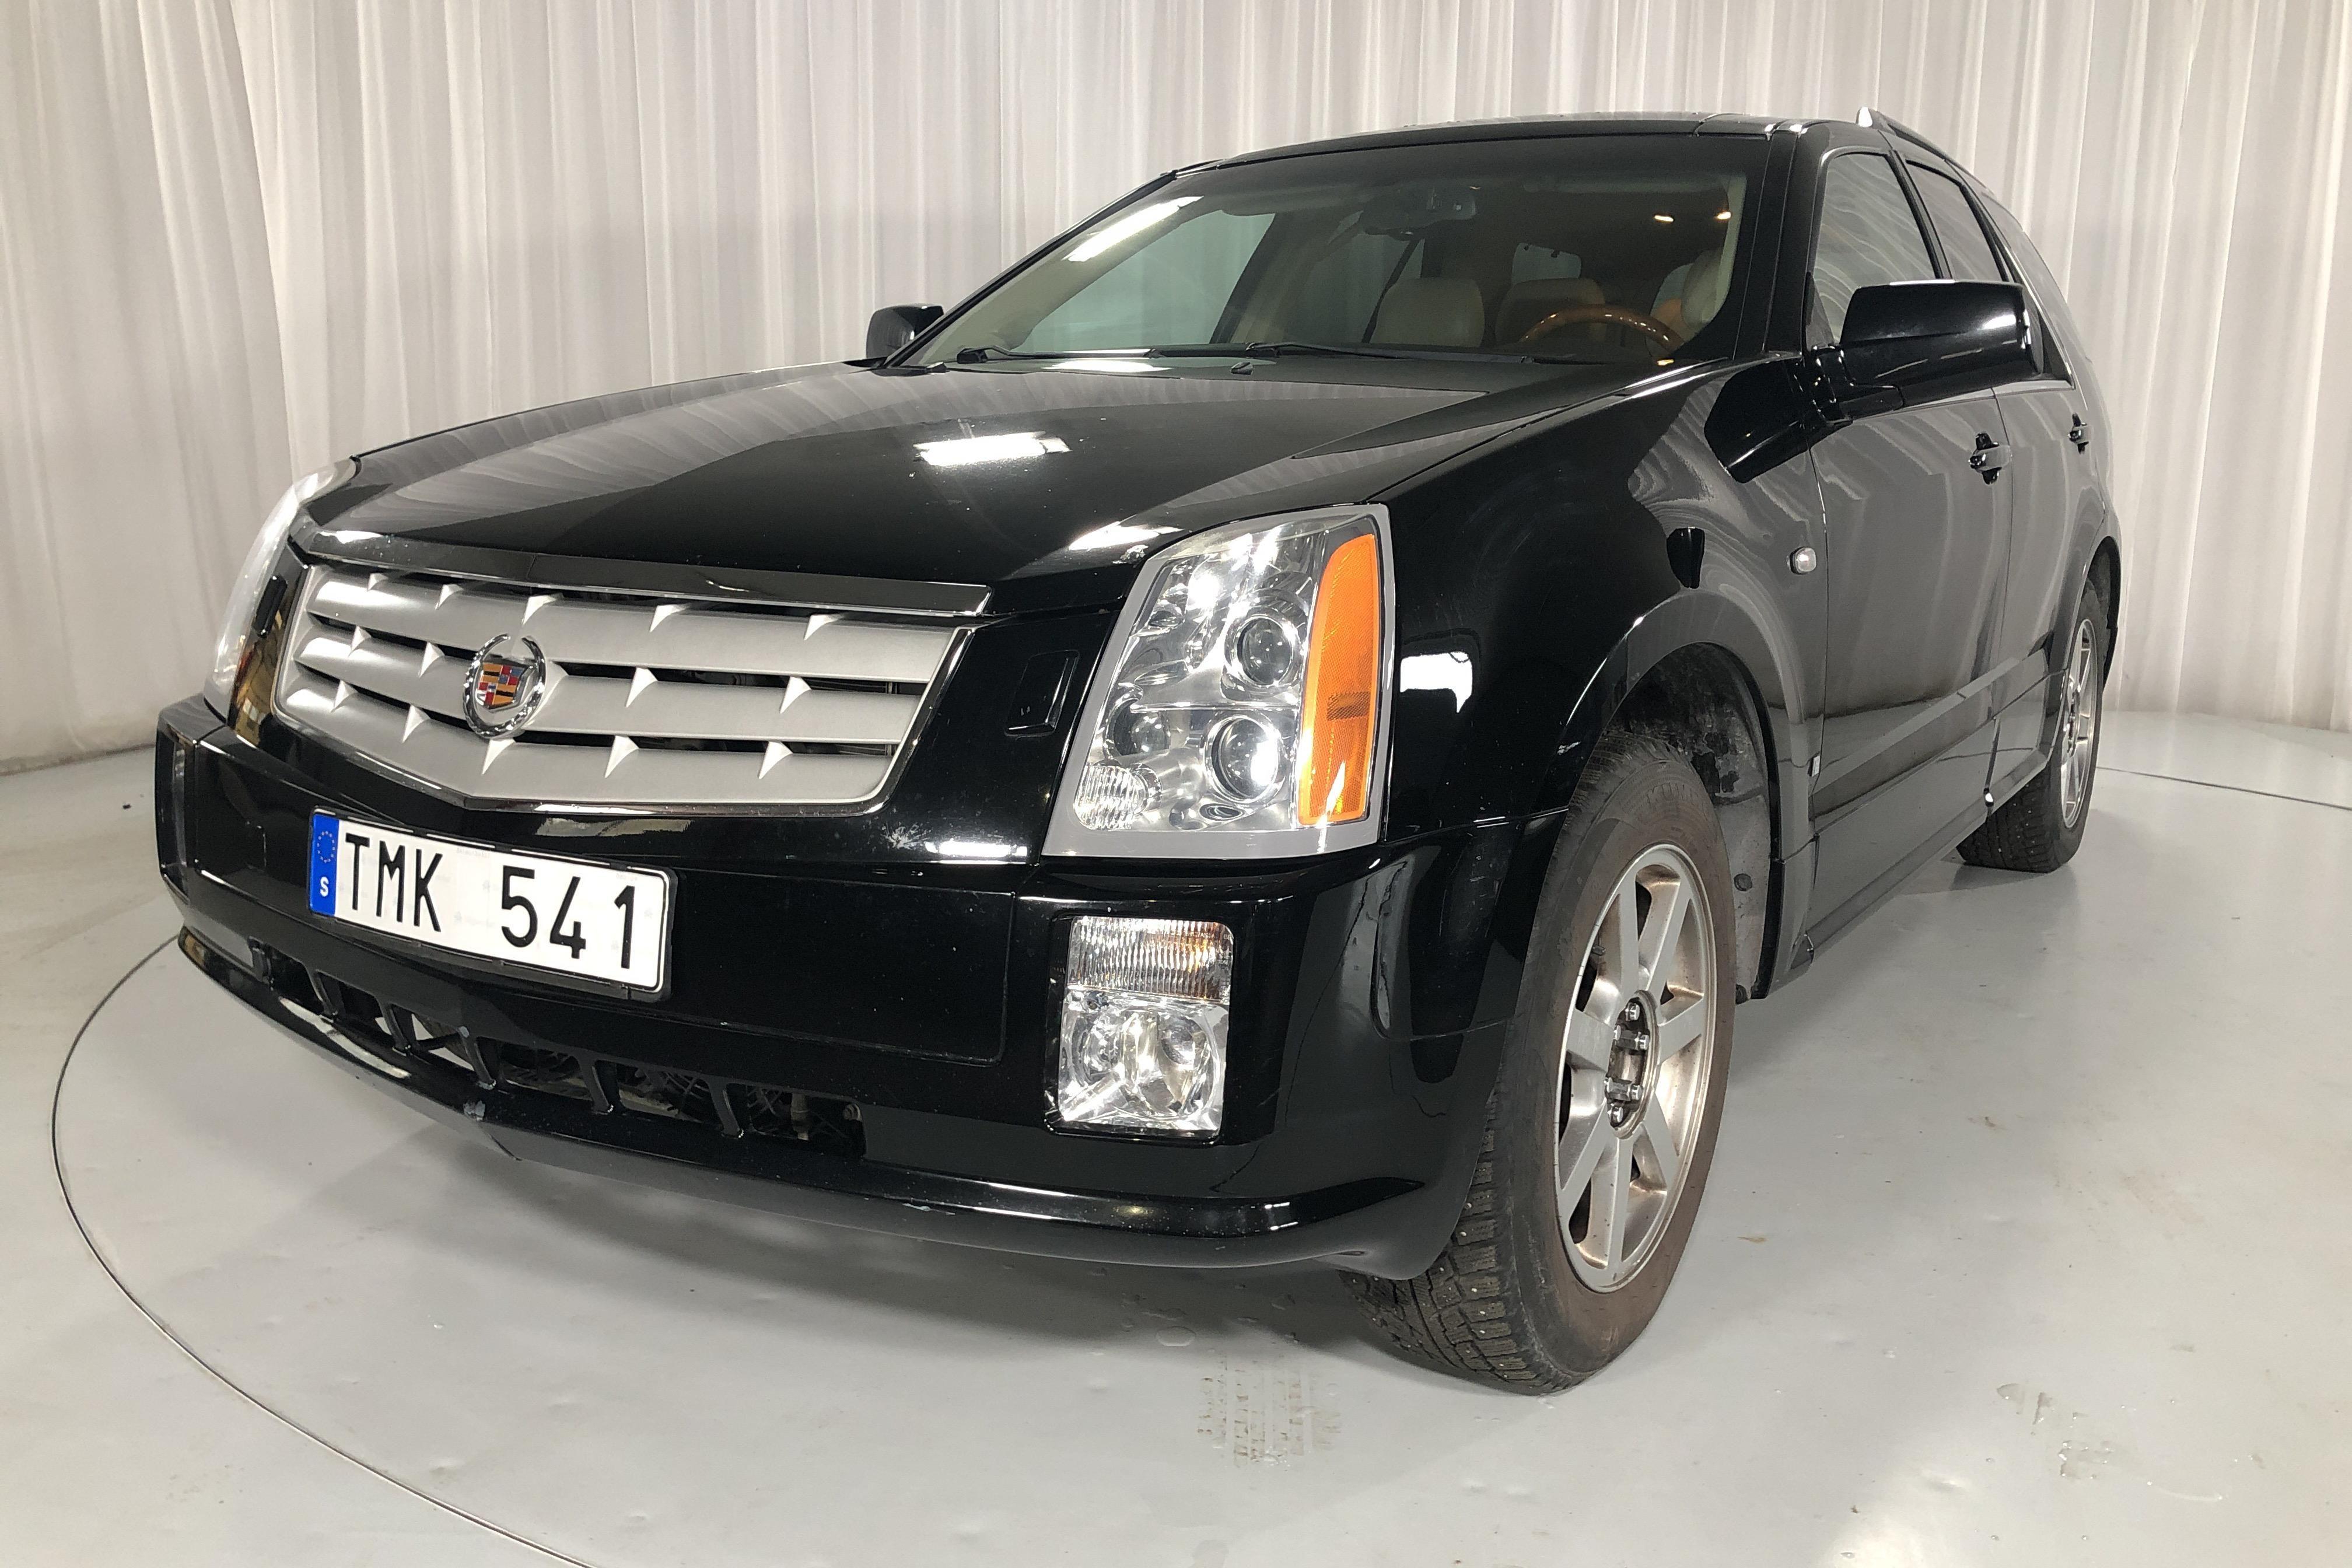 Cadillac SRX 4.6 V8 AWD (326hk)